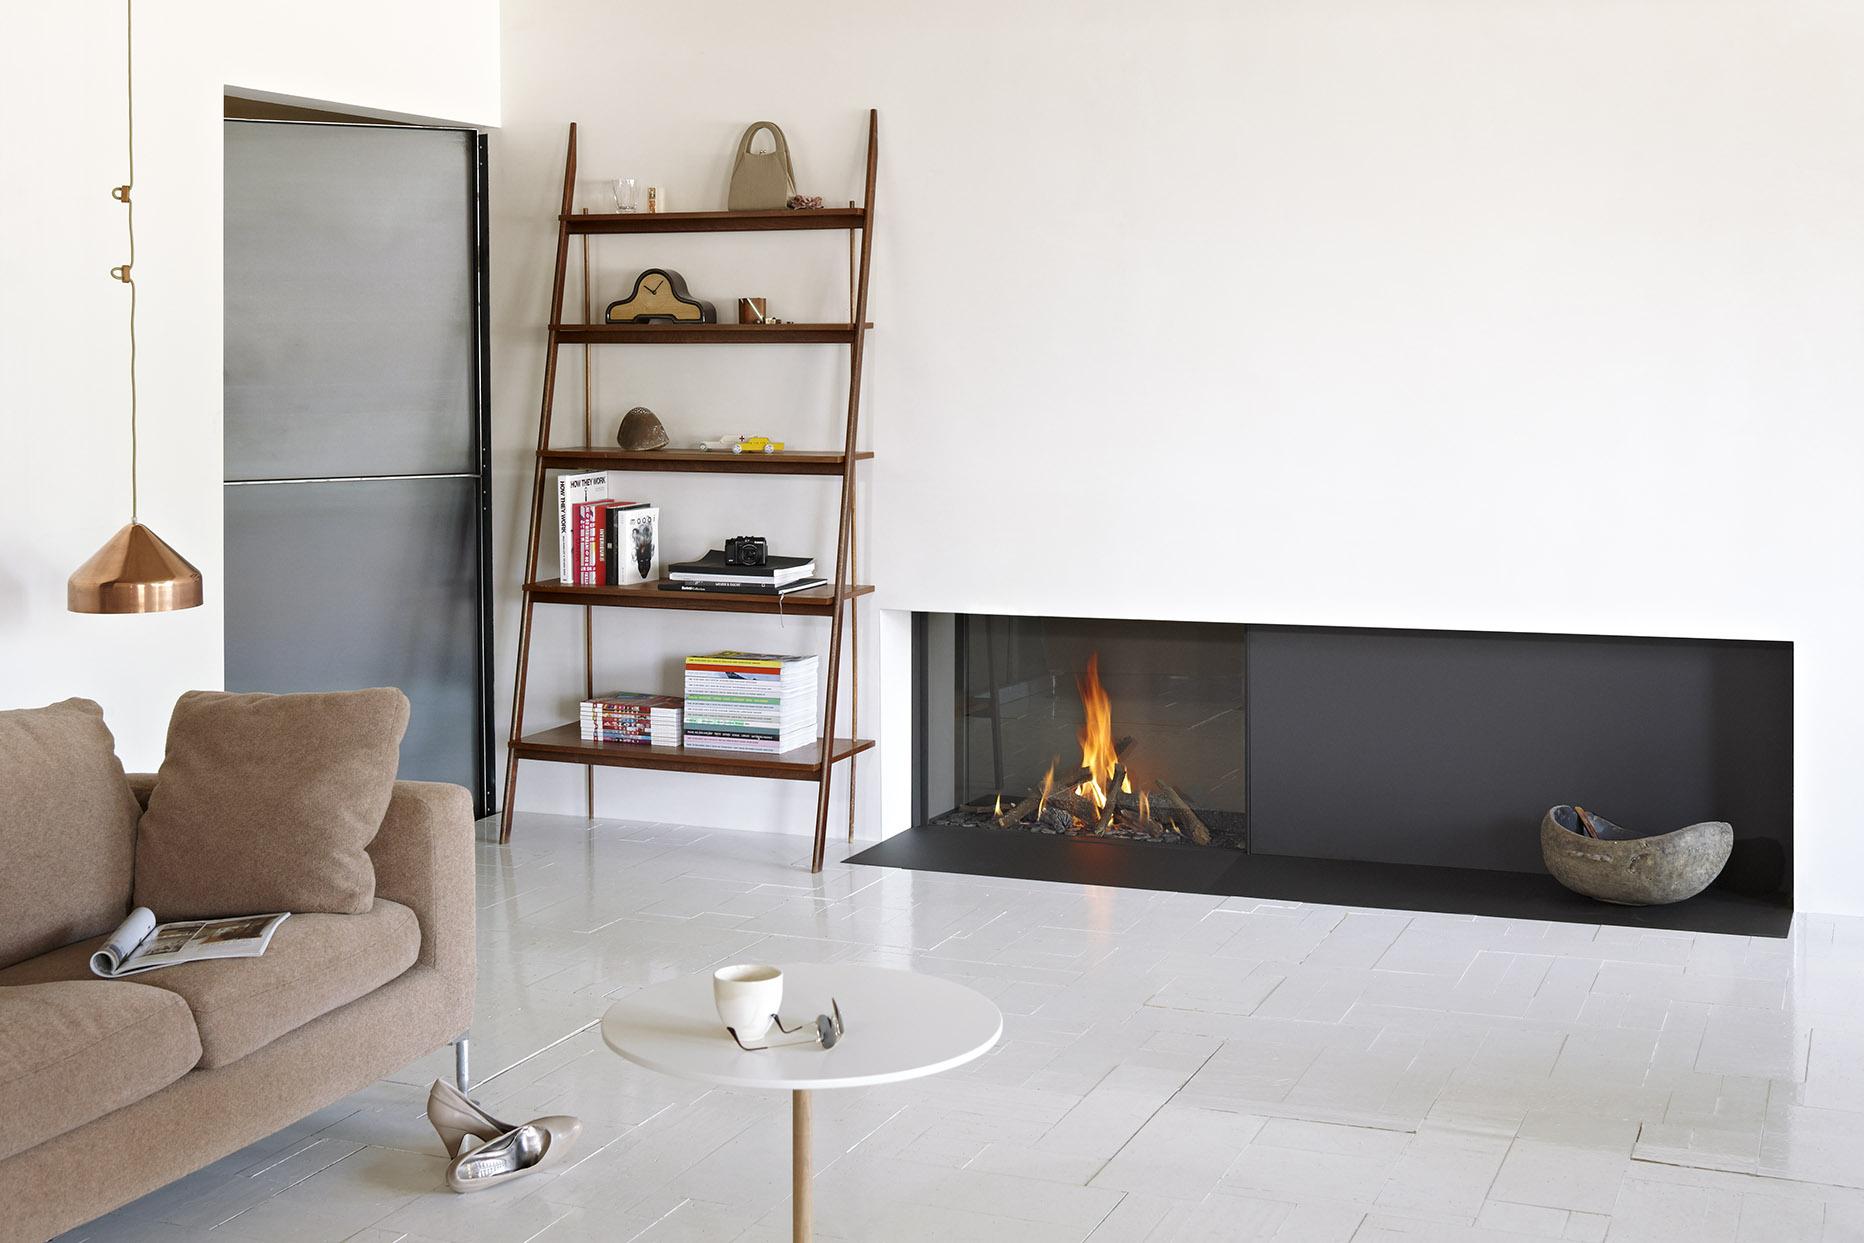 stijlboek voorbeelden van gashaarden nieuws startpagina. Black Bedroom Furniture Sets. Home Design Ideas